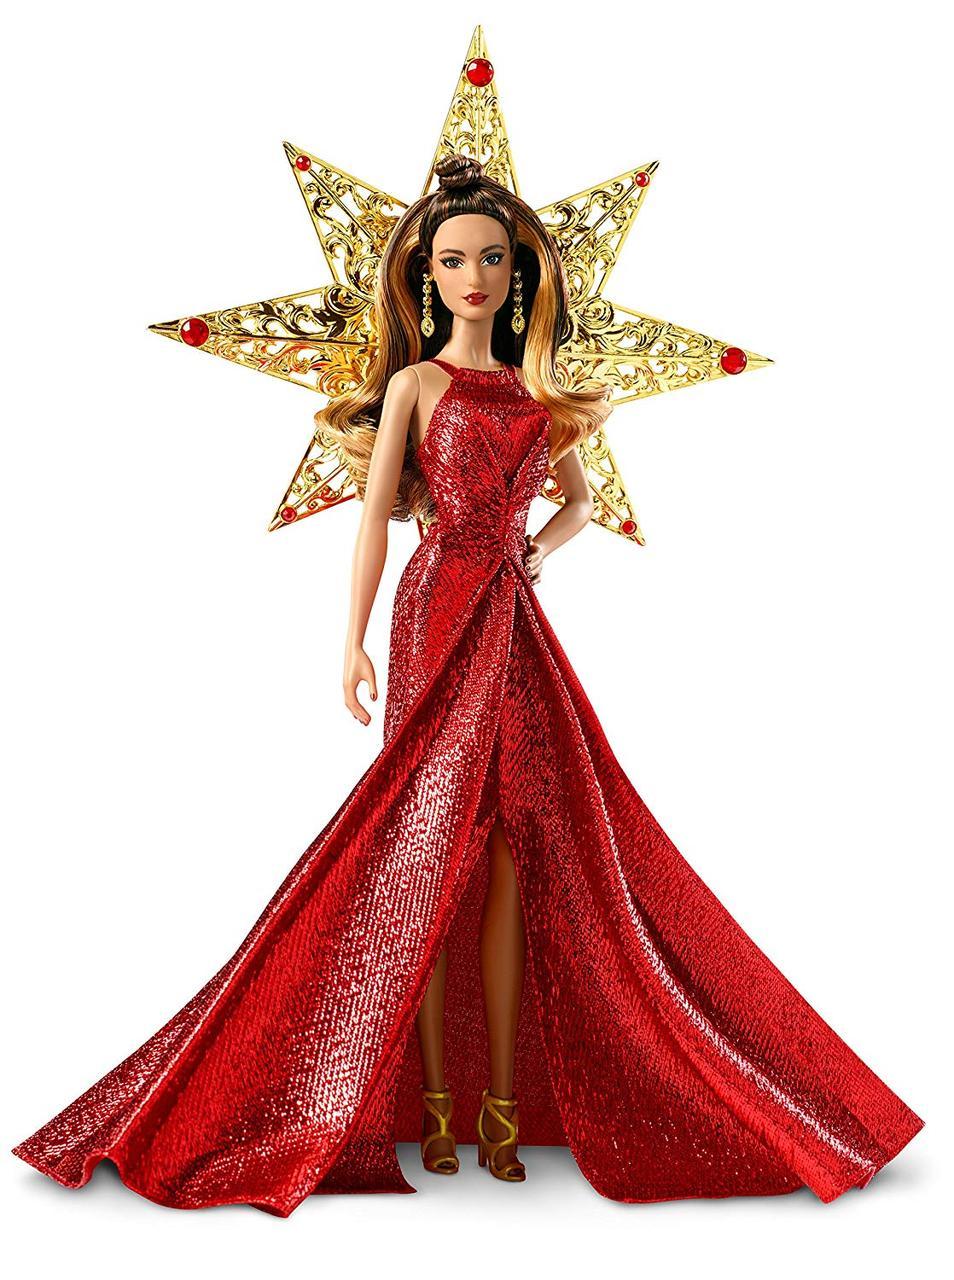 Коллекционная кукла Барби Оригинал Шатенка в красном платье, Barbie DYX41 Holiday